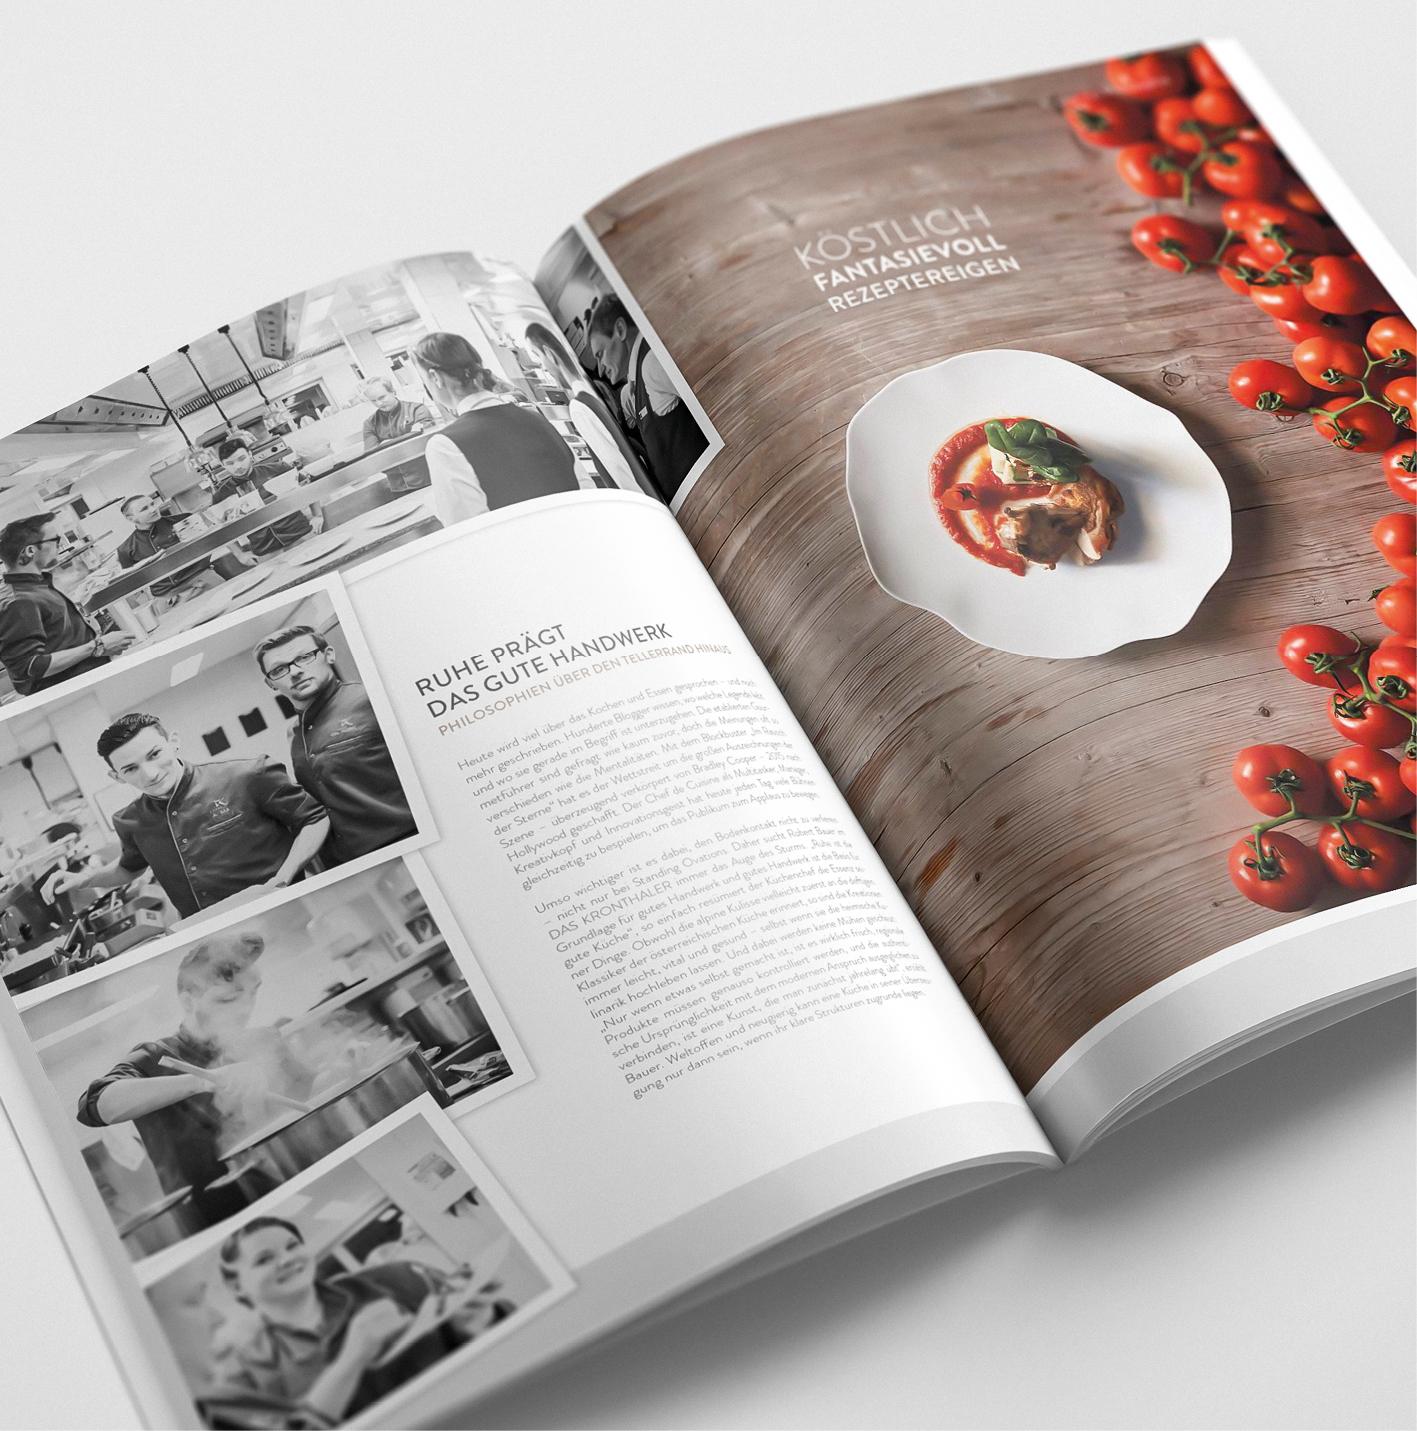 Echtzeit-Kundenmagazin aufgeschlagene Doppelseite im neuen Design